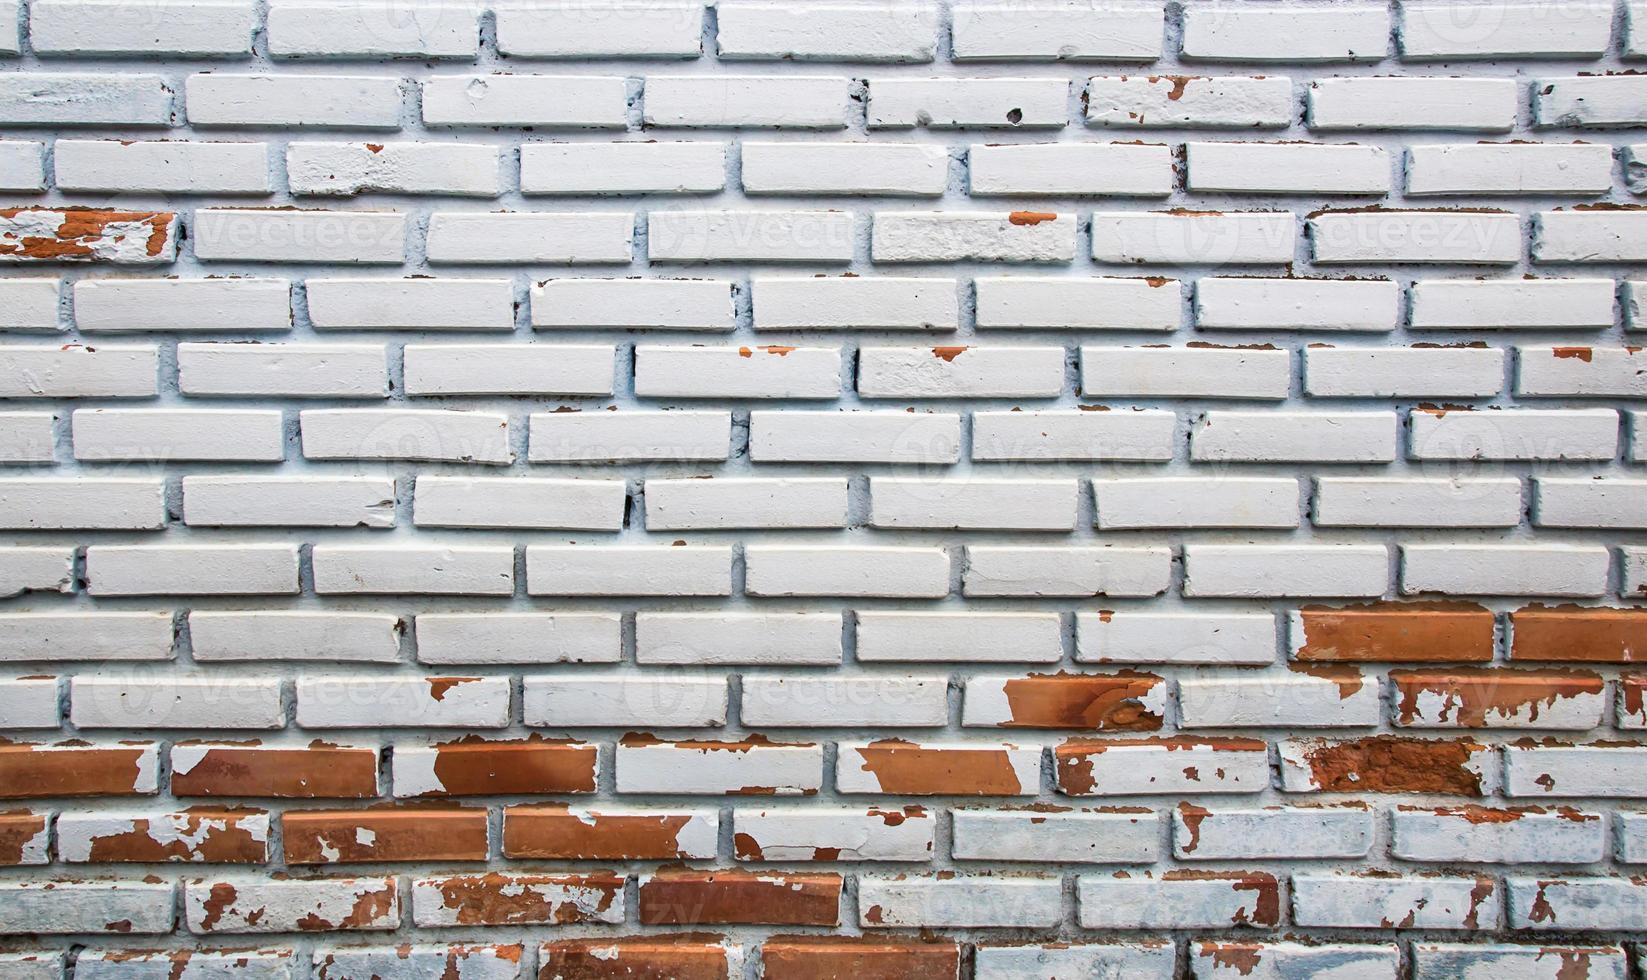 fond de texture de mur de brique ancienne photo